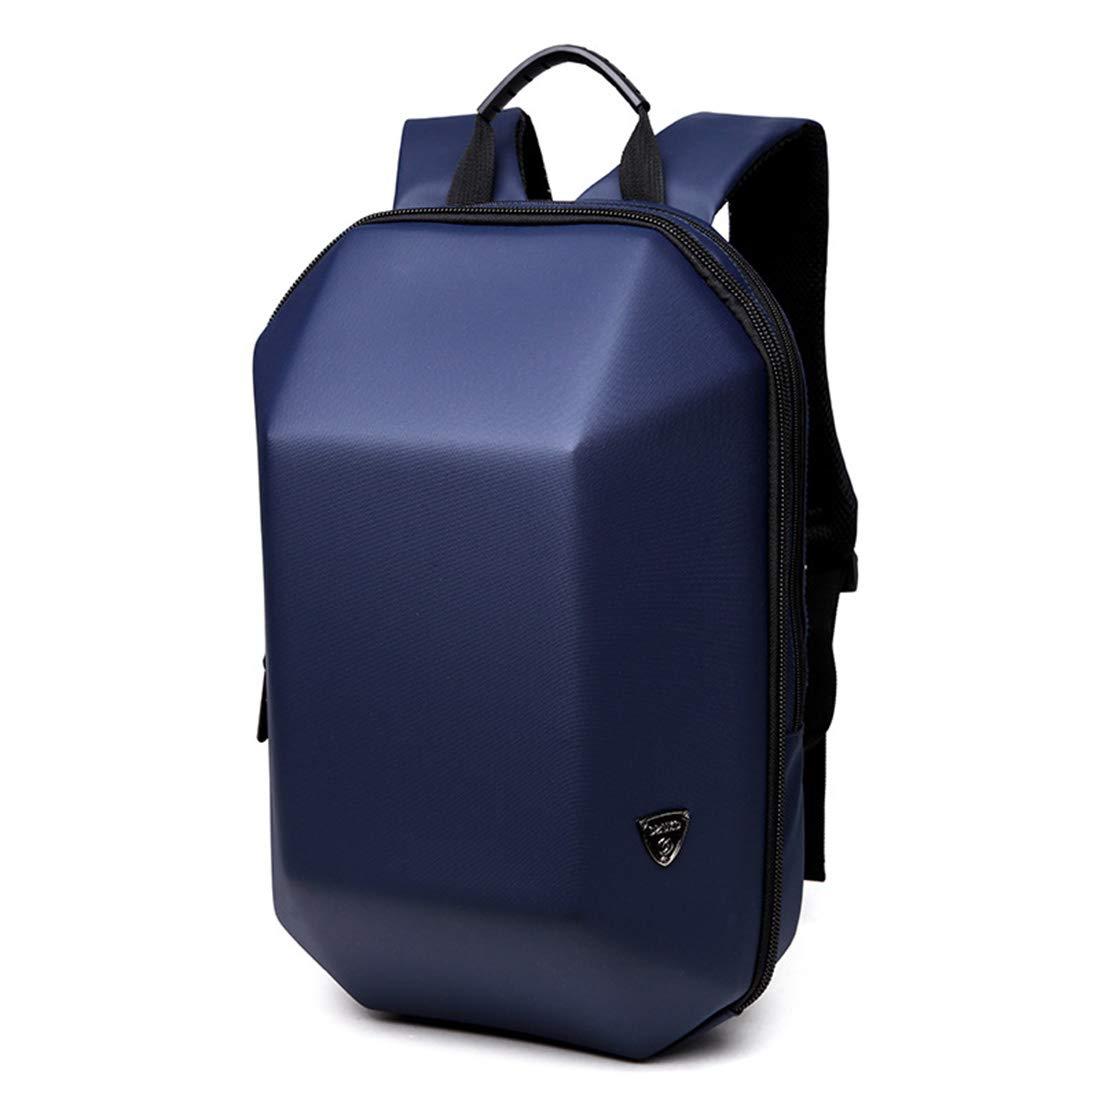 荒波が百貨店を使う メンズトラベルバックパックライトカジュアル防水オックスフォード布ラップトップデイパックコマースビジネス旅行 (色 : 青) B07SHL2FX2 青